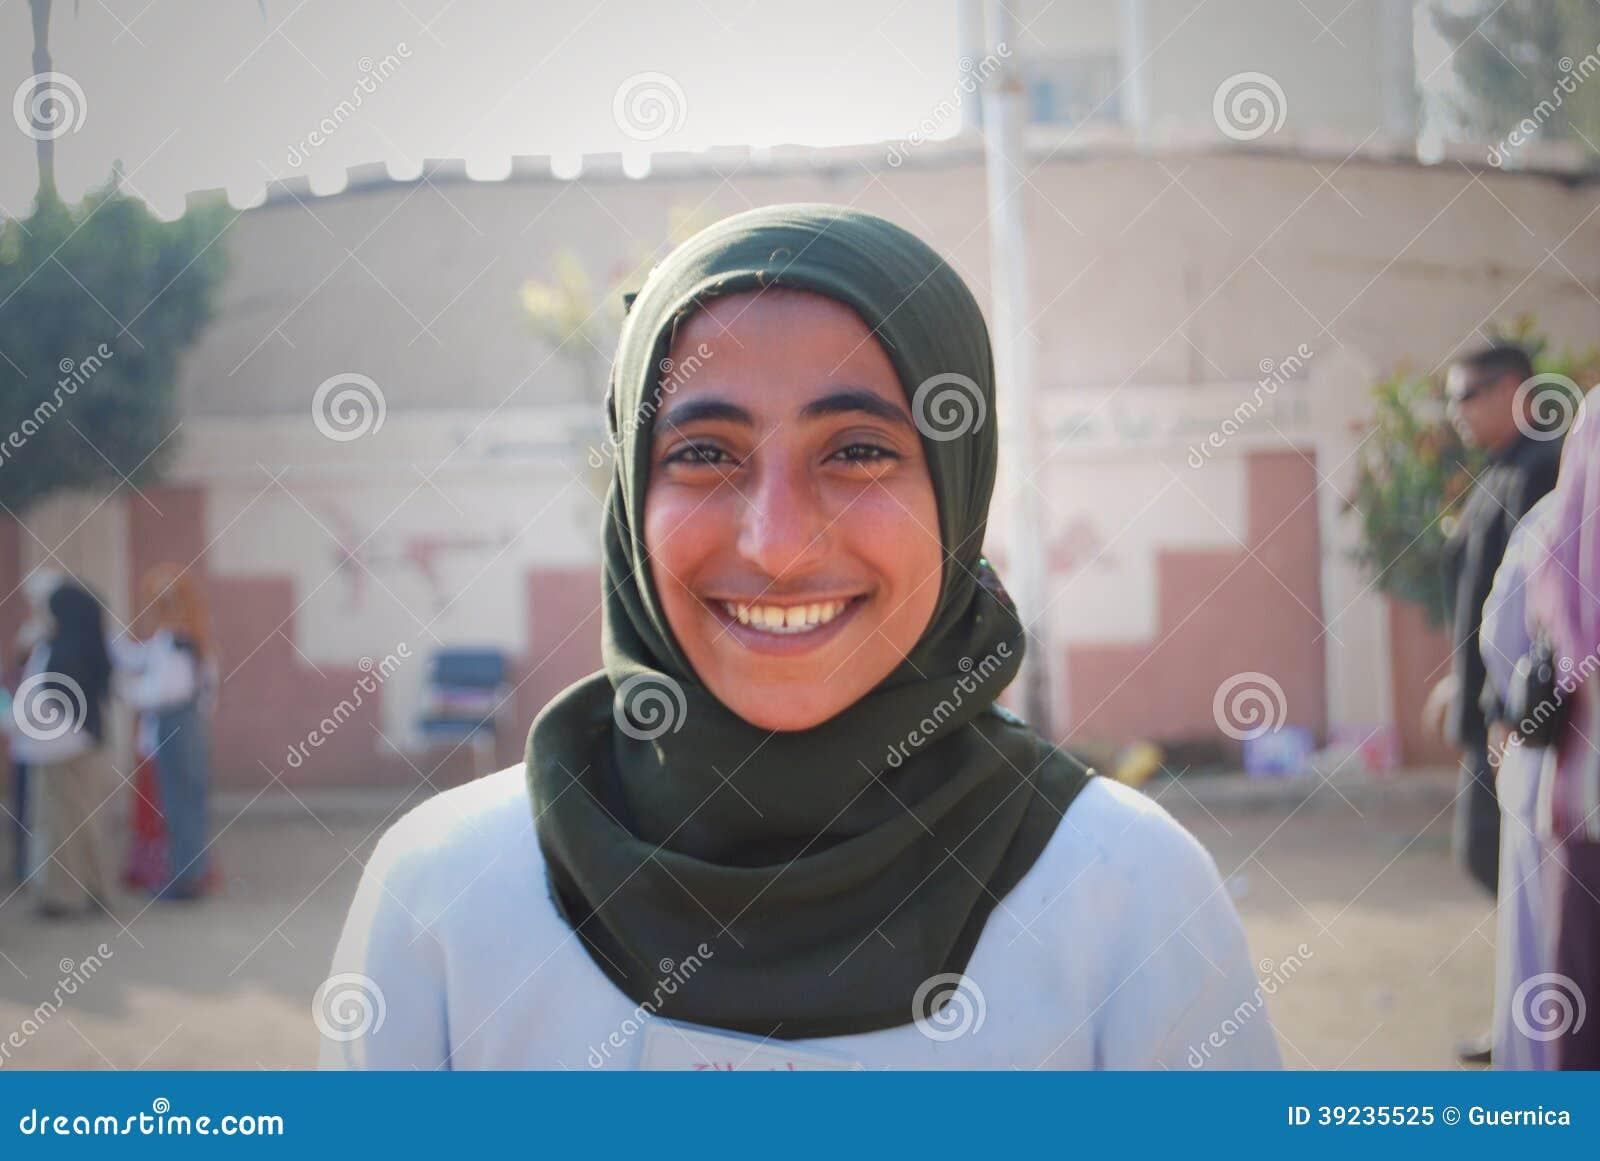 Arab girl cairo - 2 1